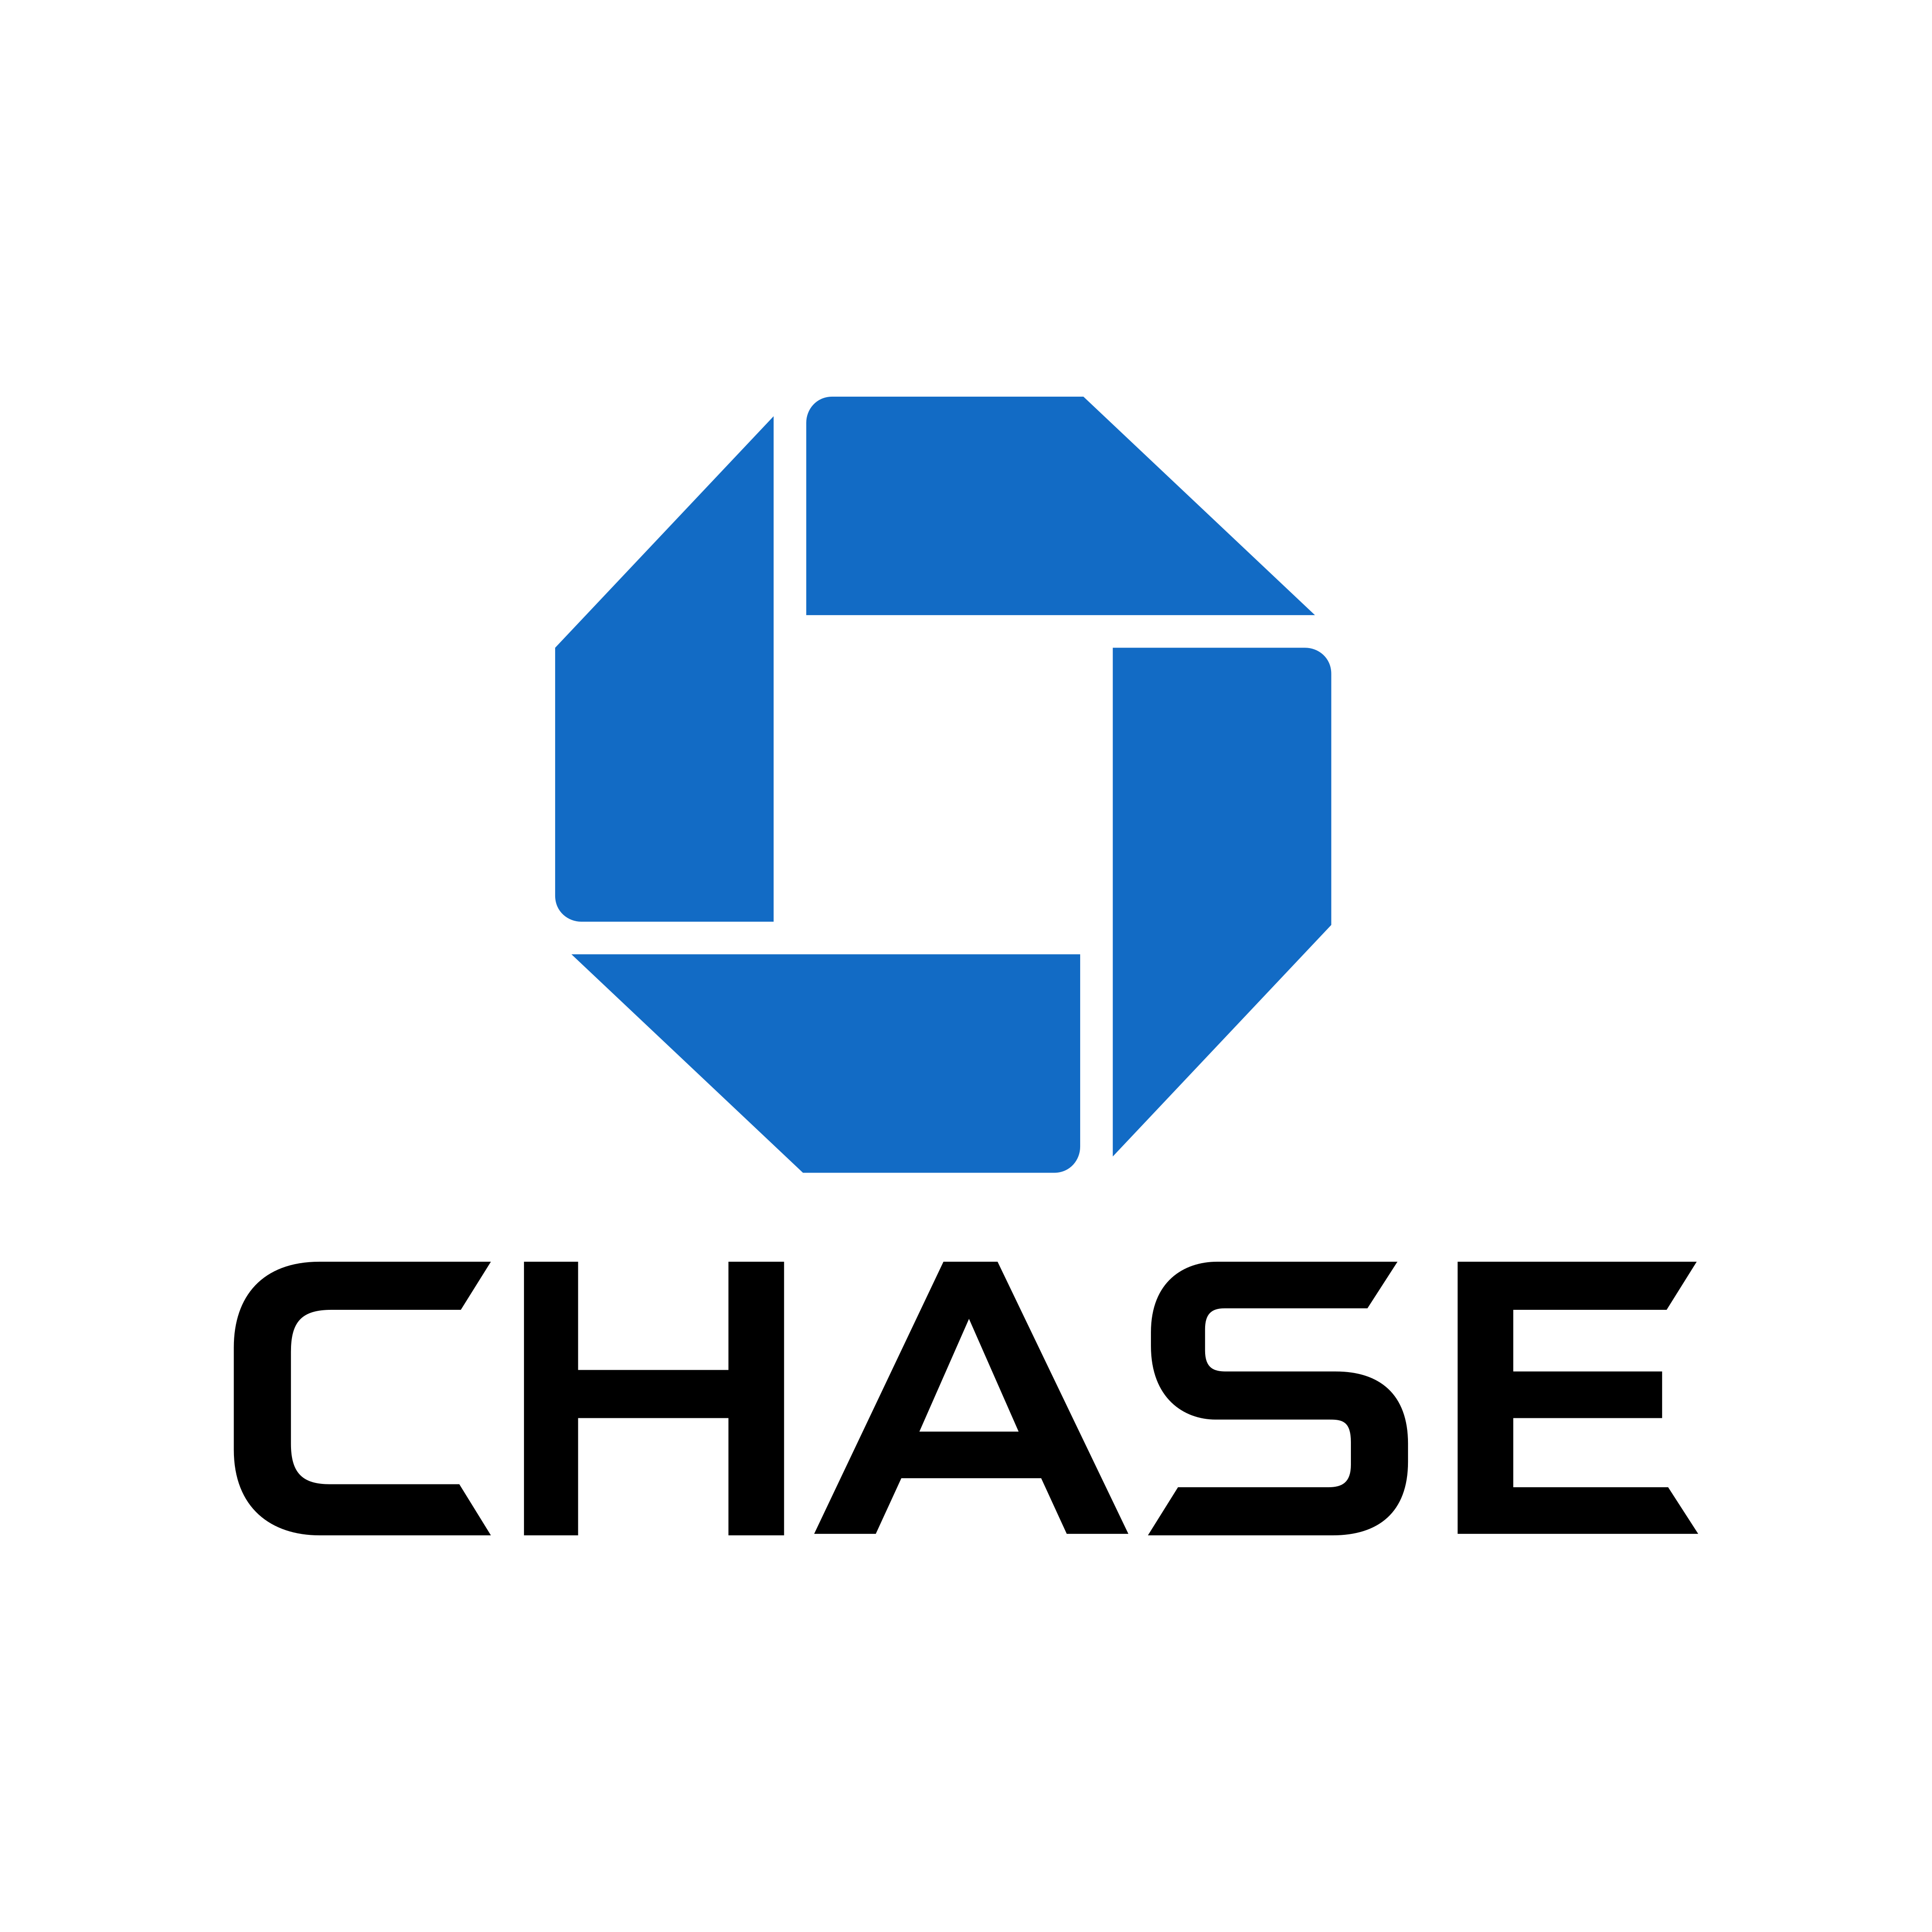 chase logo 0 - Chase Logo